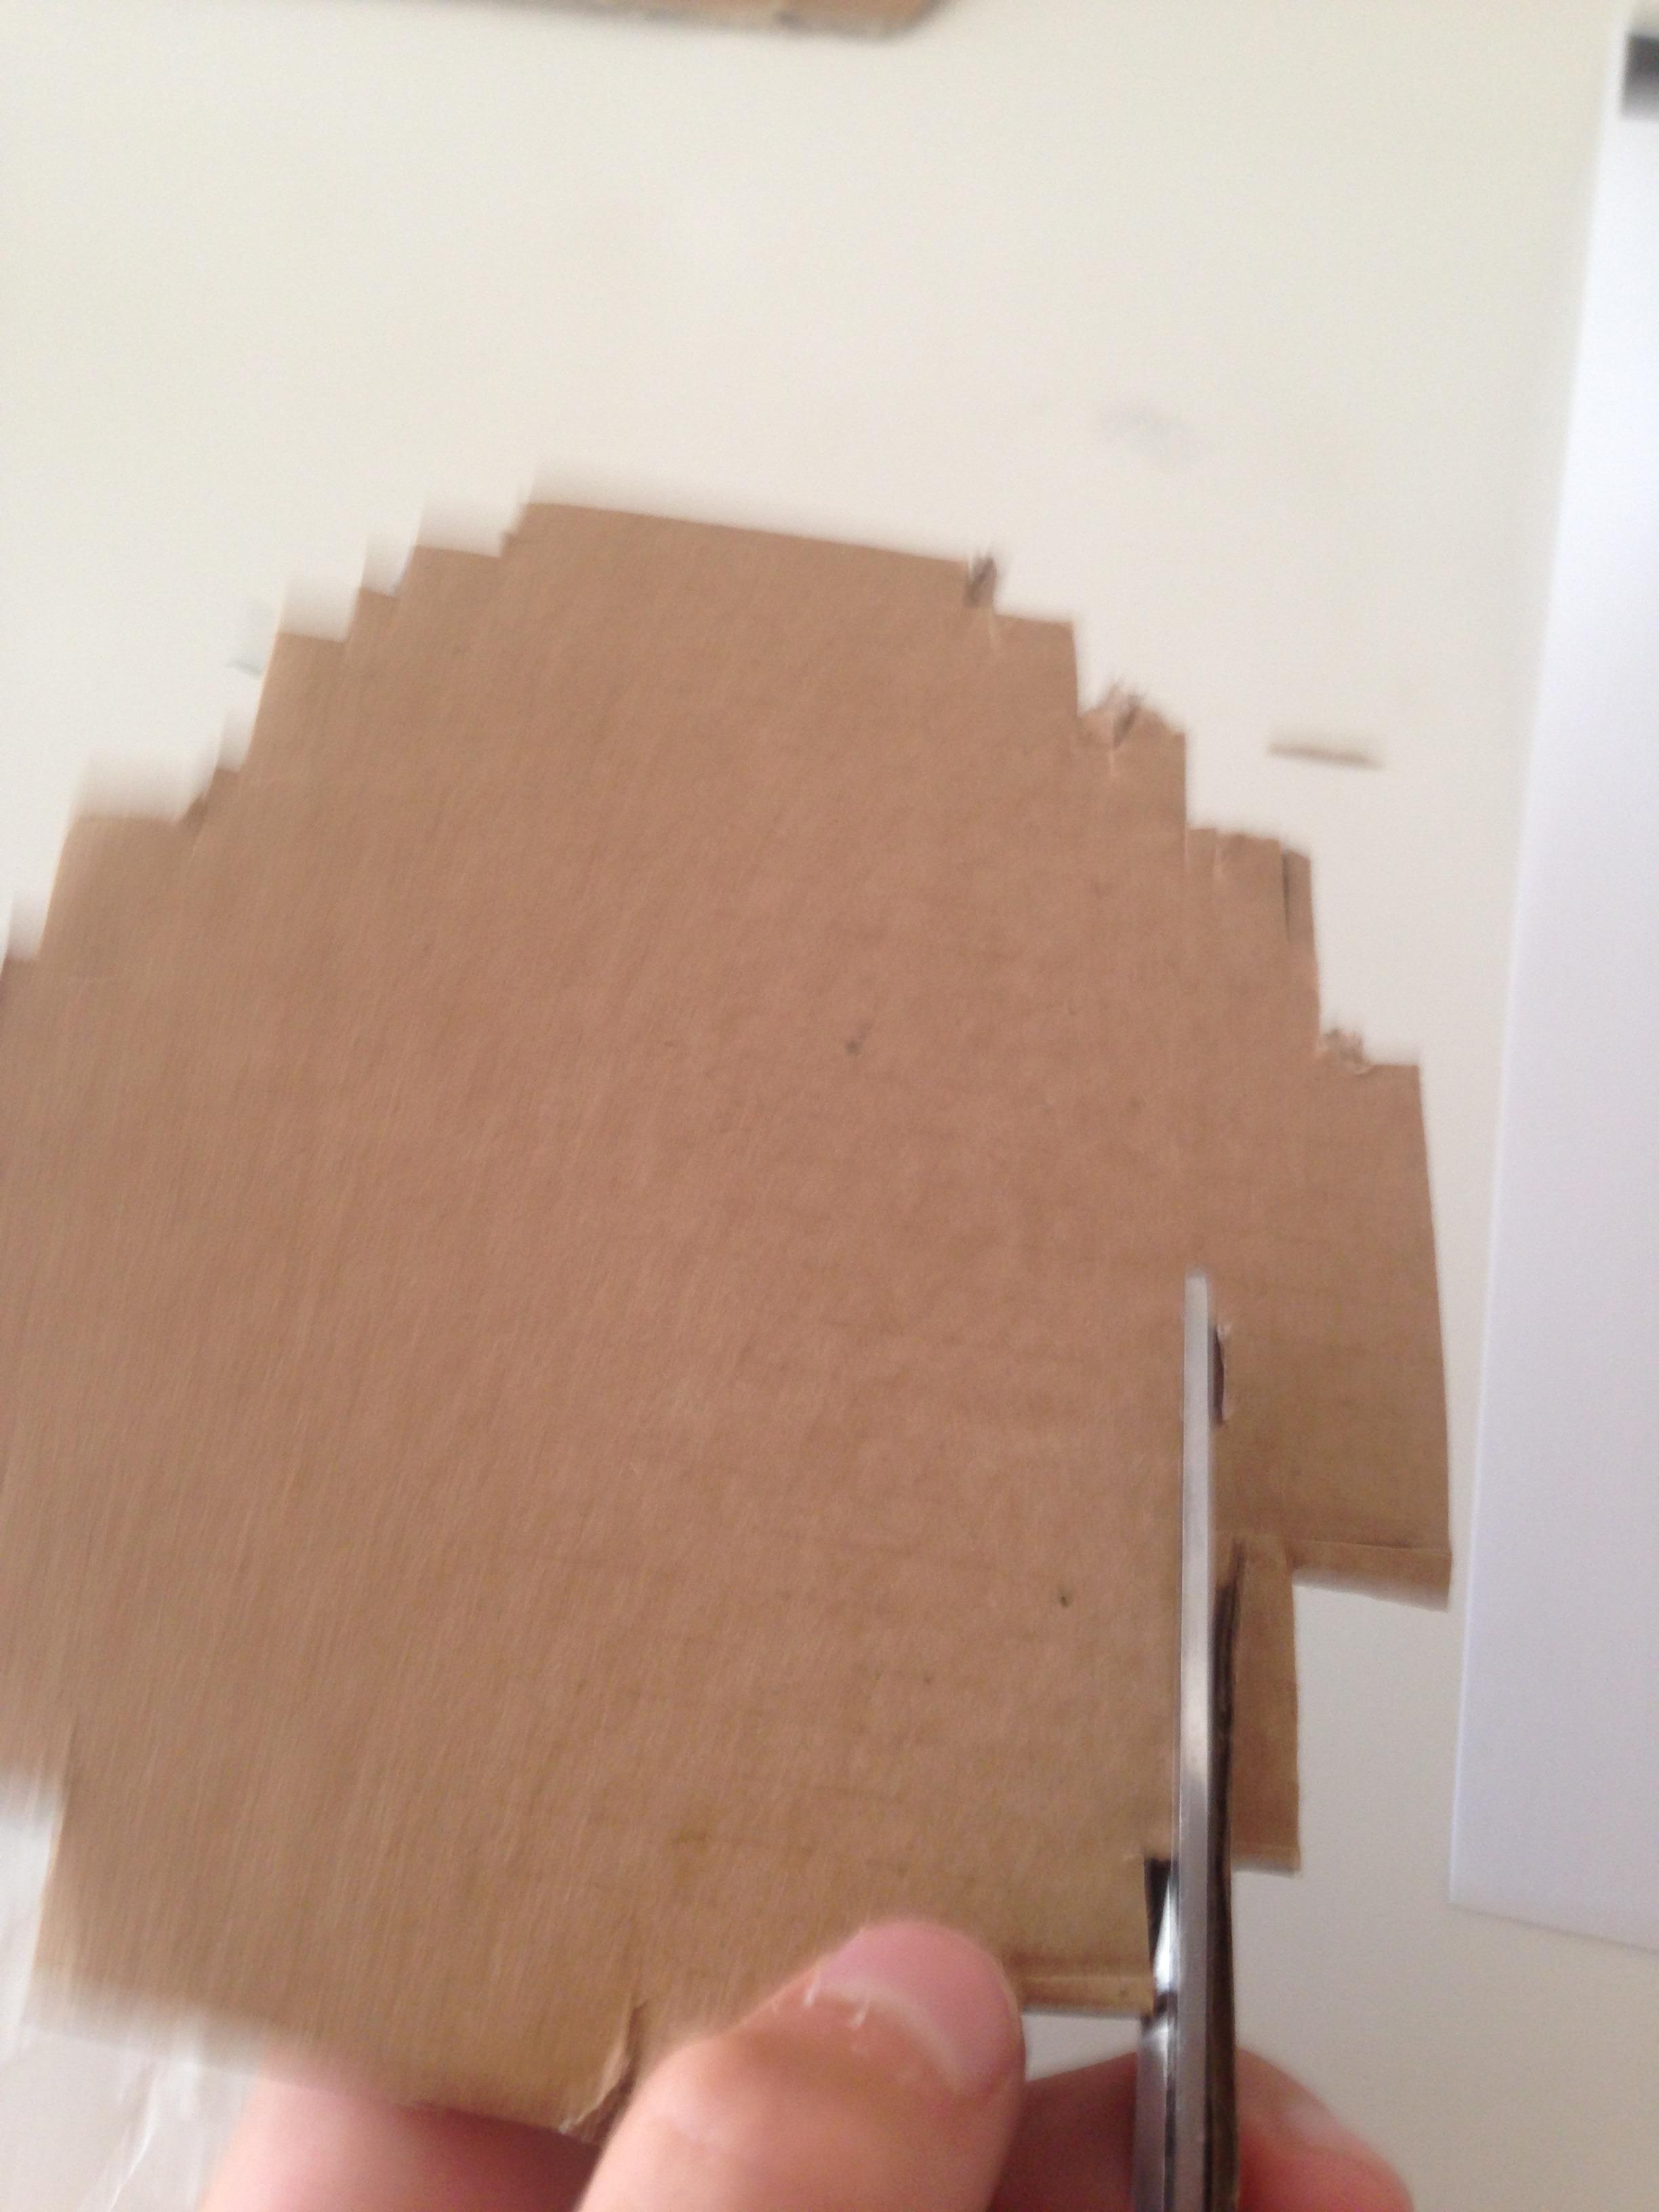 Picture of Cut Cardboard